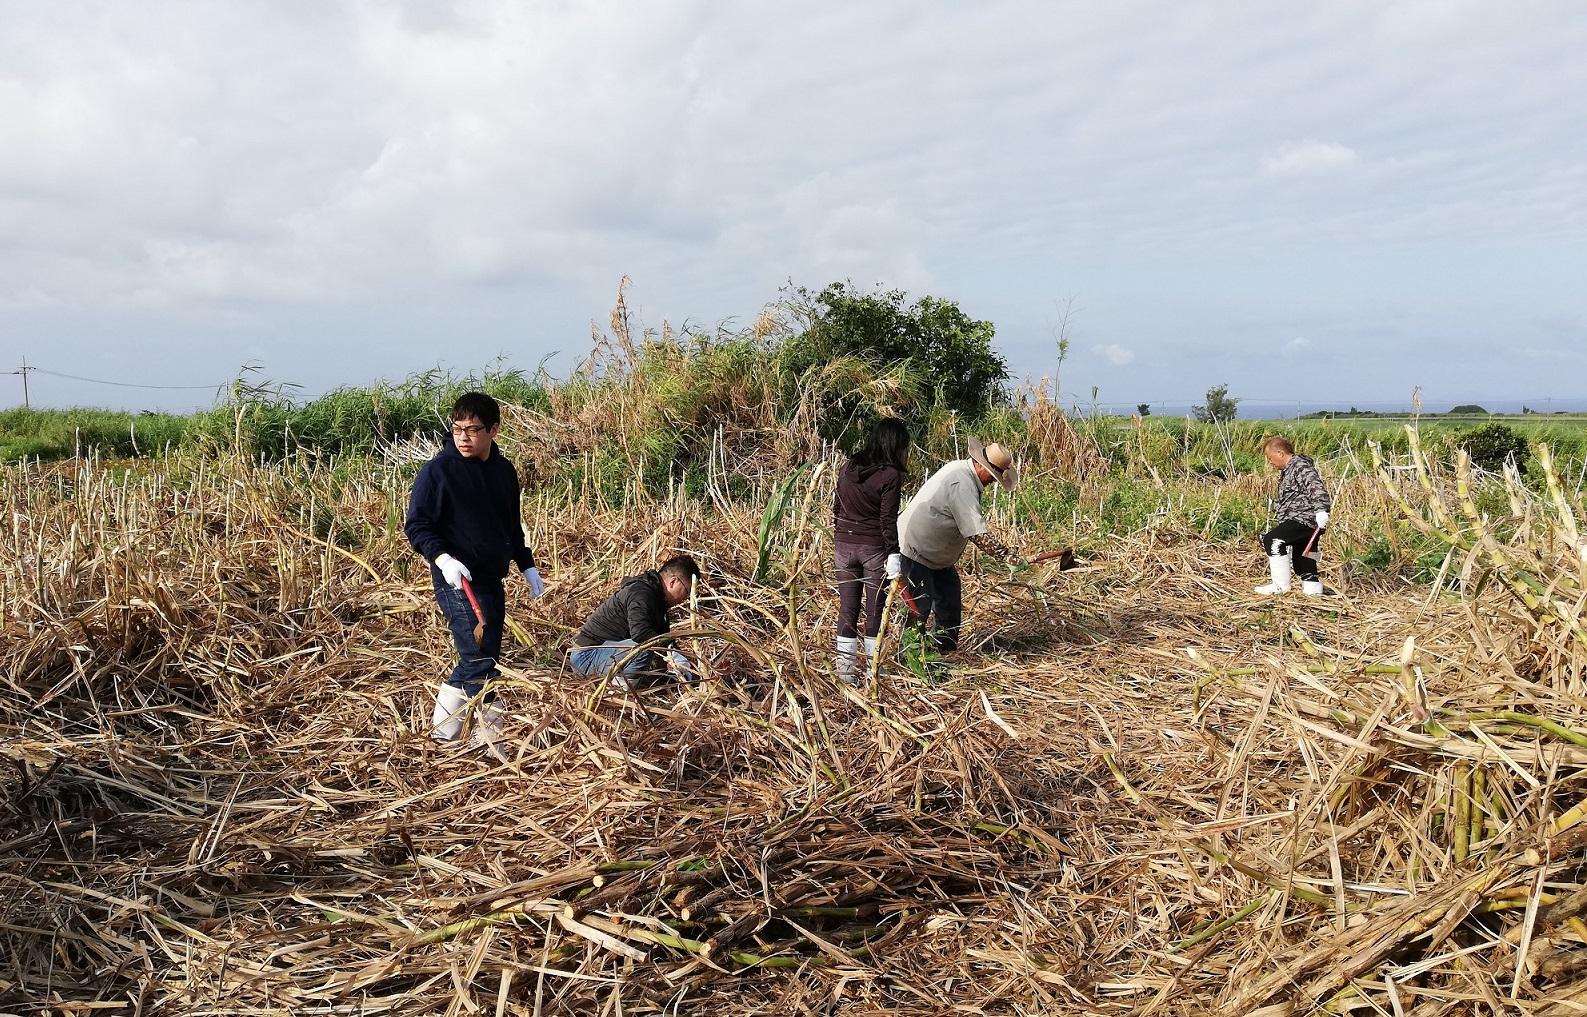 [農業]令和2年度第2回沖縄県新規就農相談会の開催について